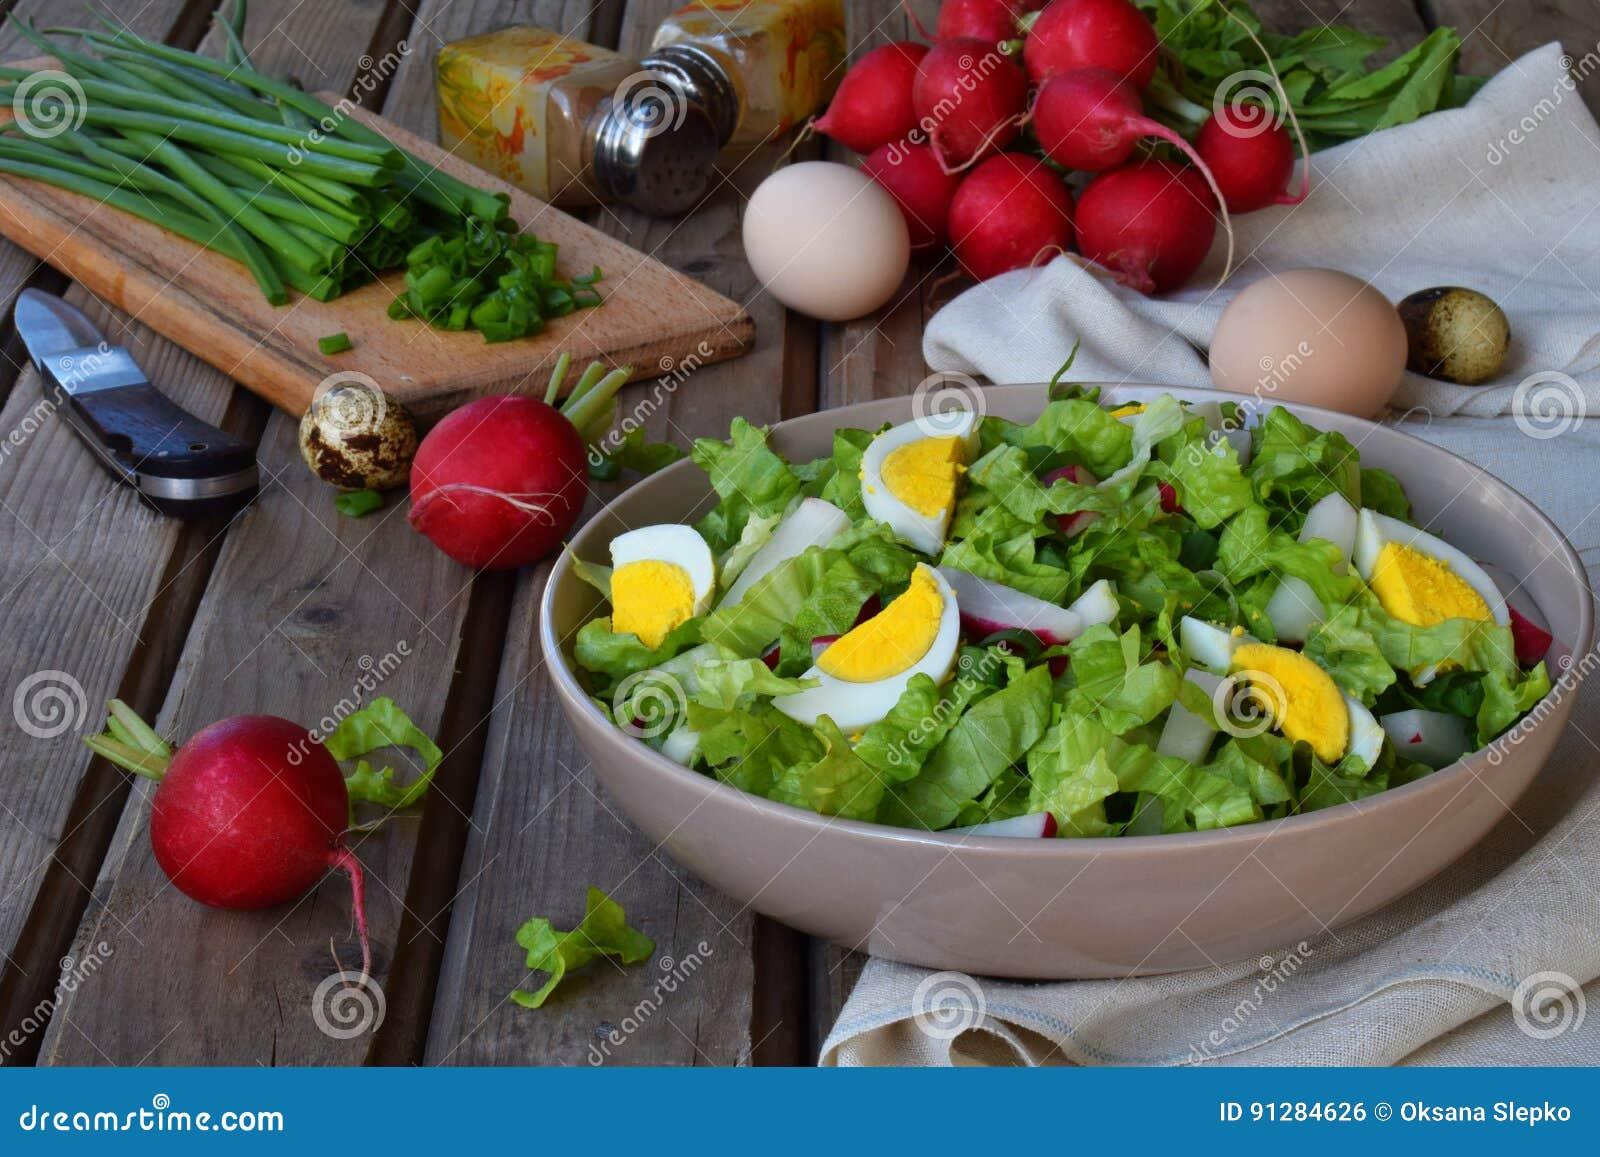 Vitaminsallad från grönsallat, rädisan, salladslökar och ägg, kryddade med grönsakolja och senap i platta på träbakgrund